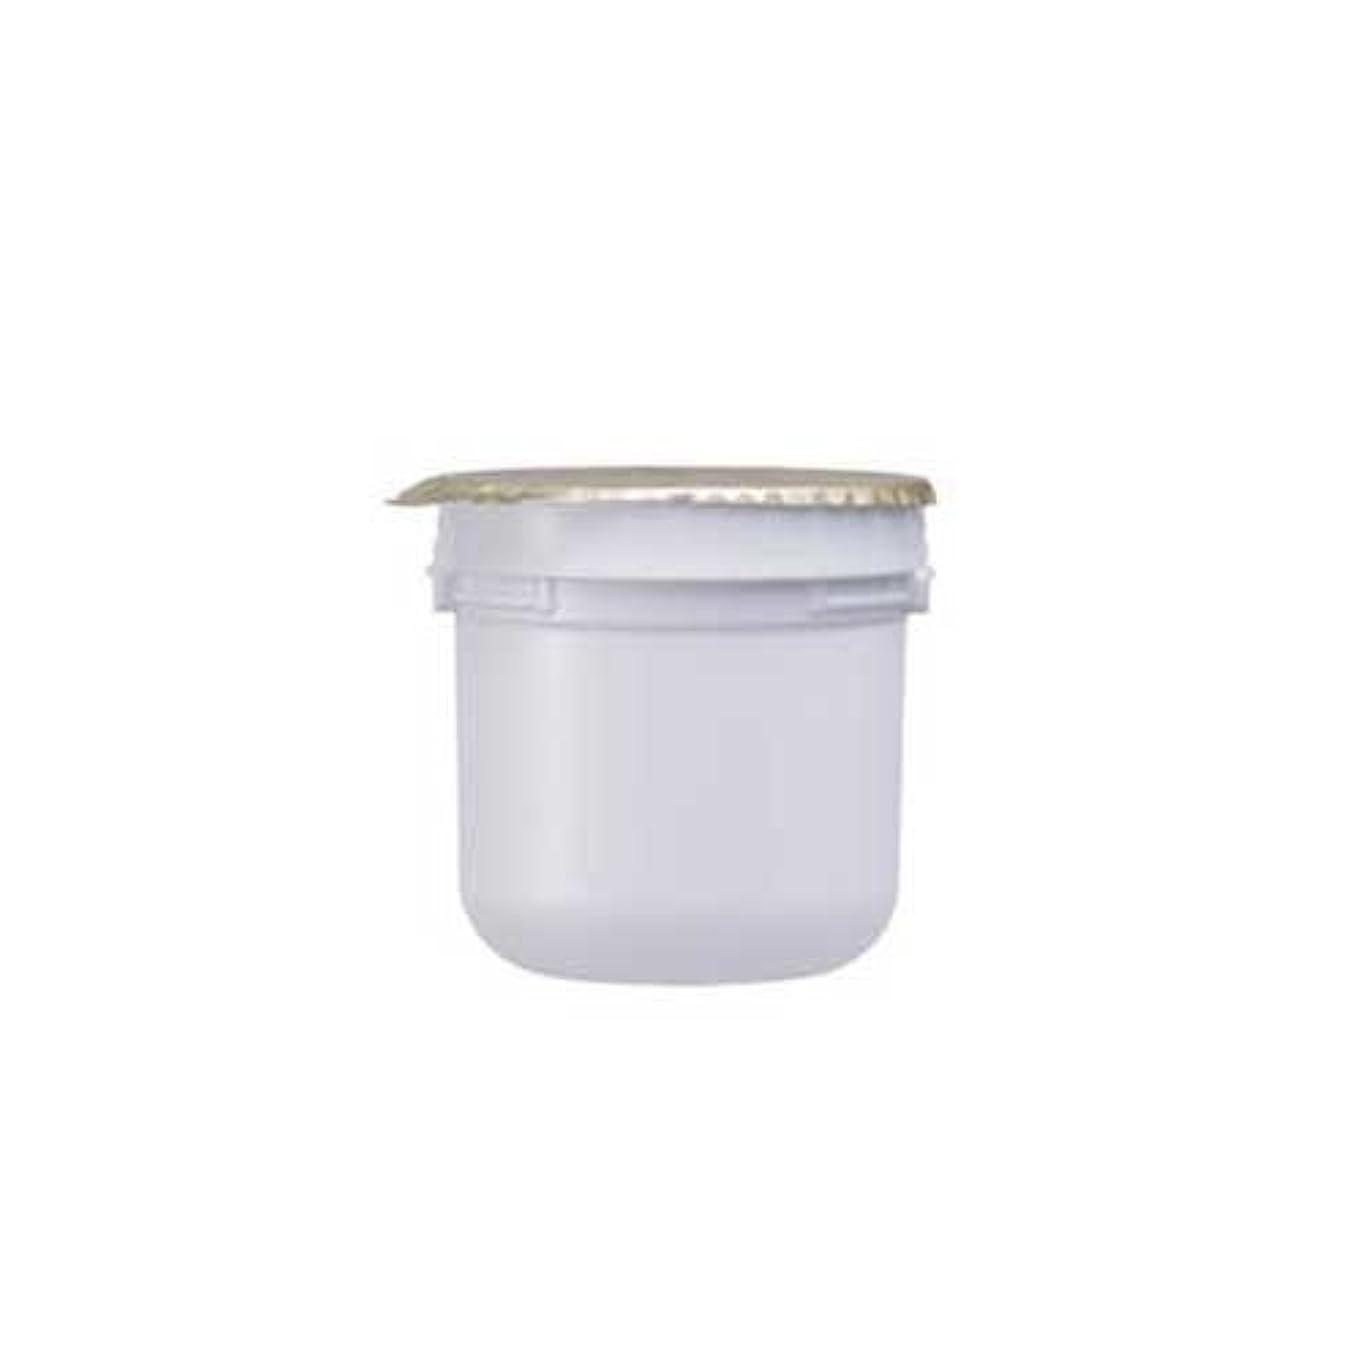 クラシック屋内カウボーイASTALIFT(アスタリフト) ホワイト クリーム(美白クリーム)レフィル 30g